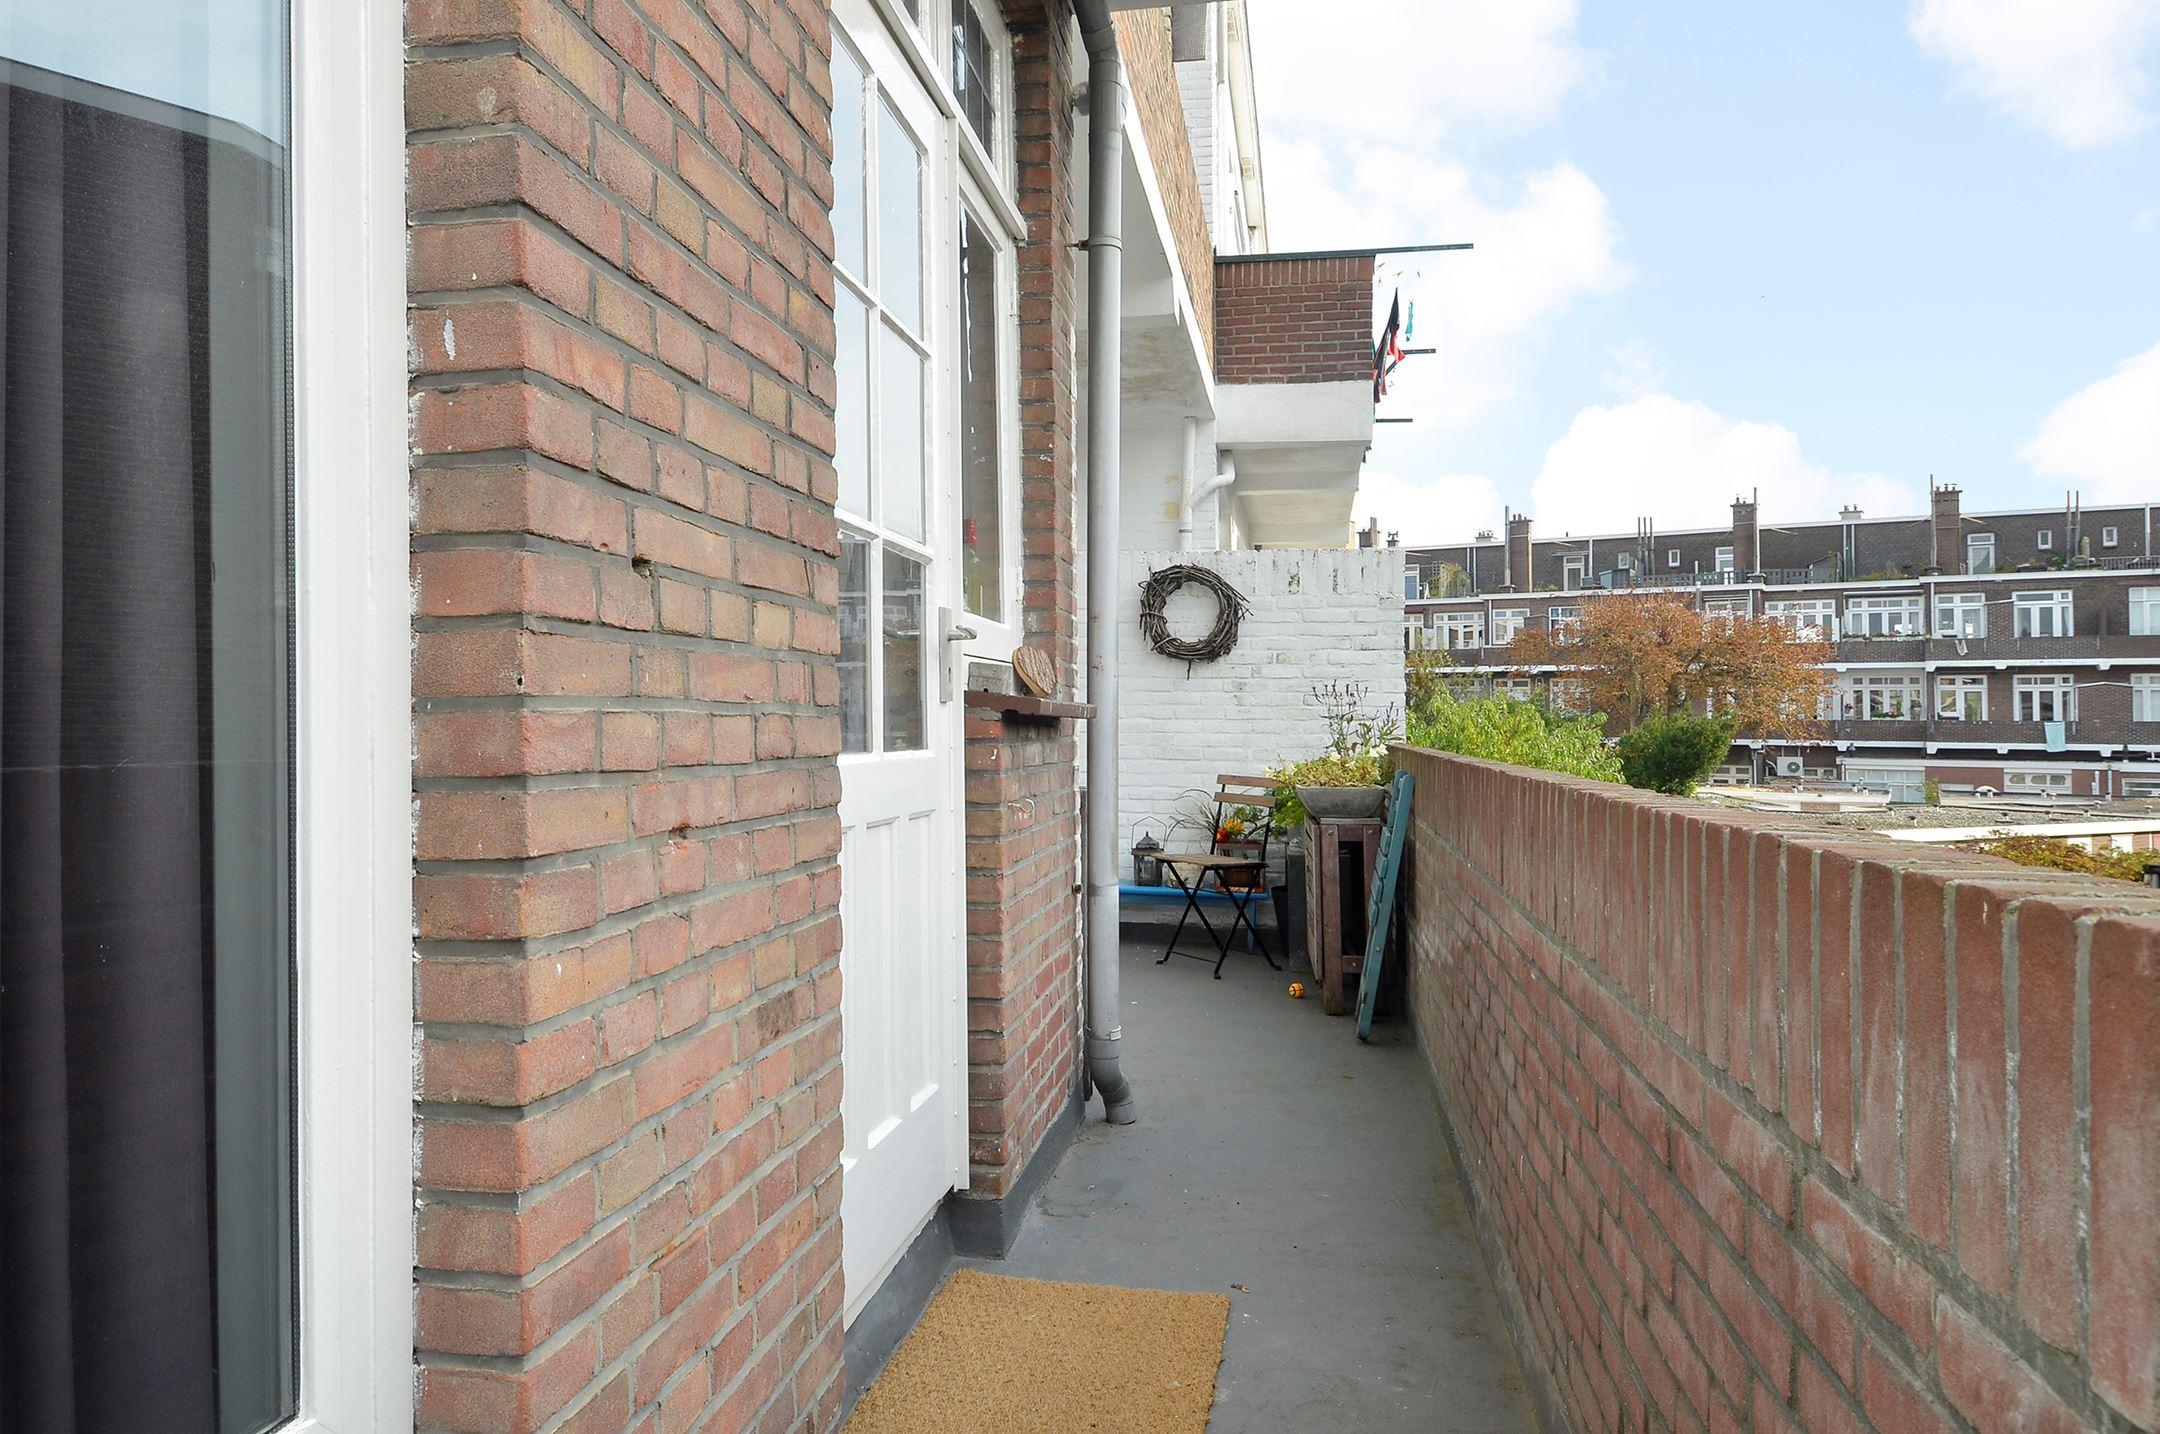 Appartement te koop amandelstraat 44 2564 ez den haag funda for Funda den haag koop